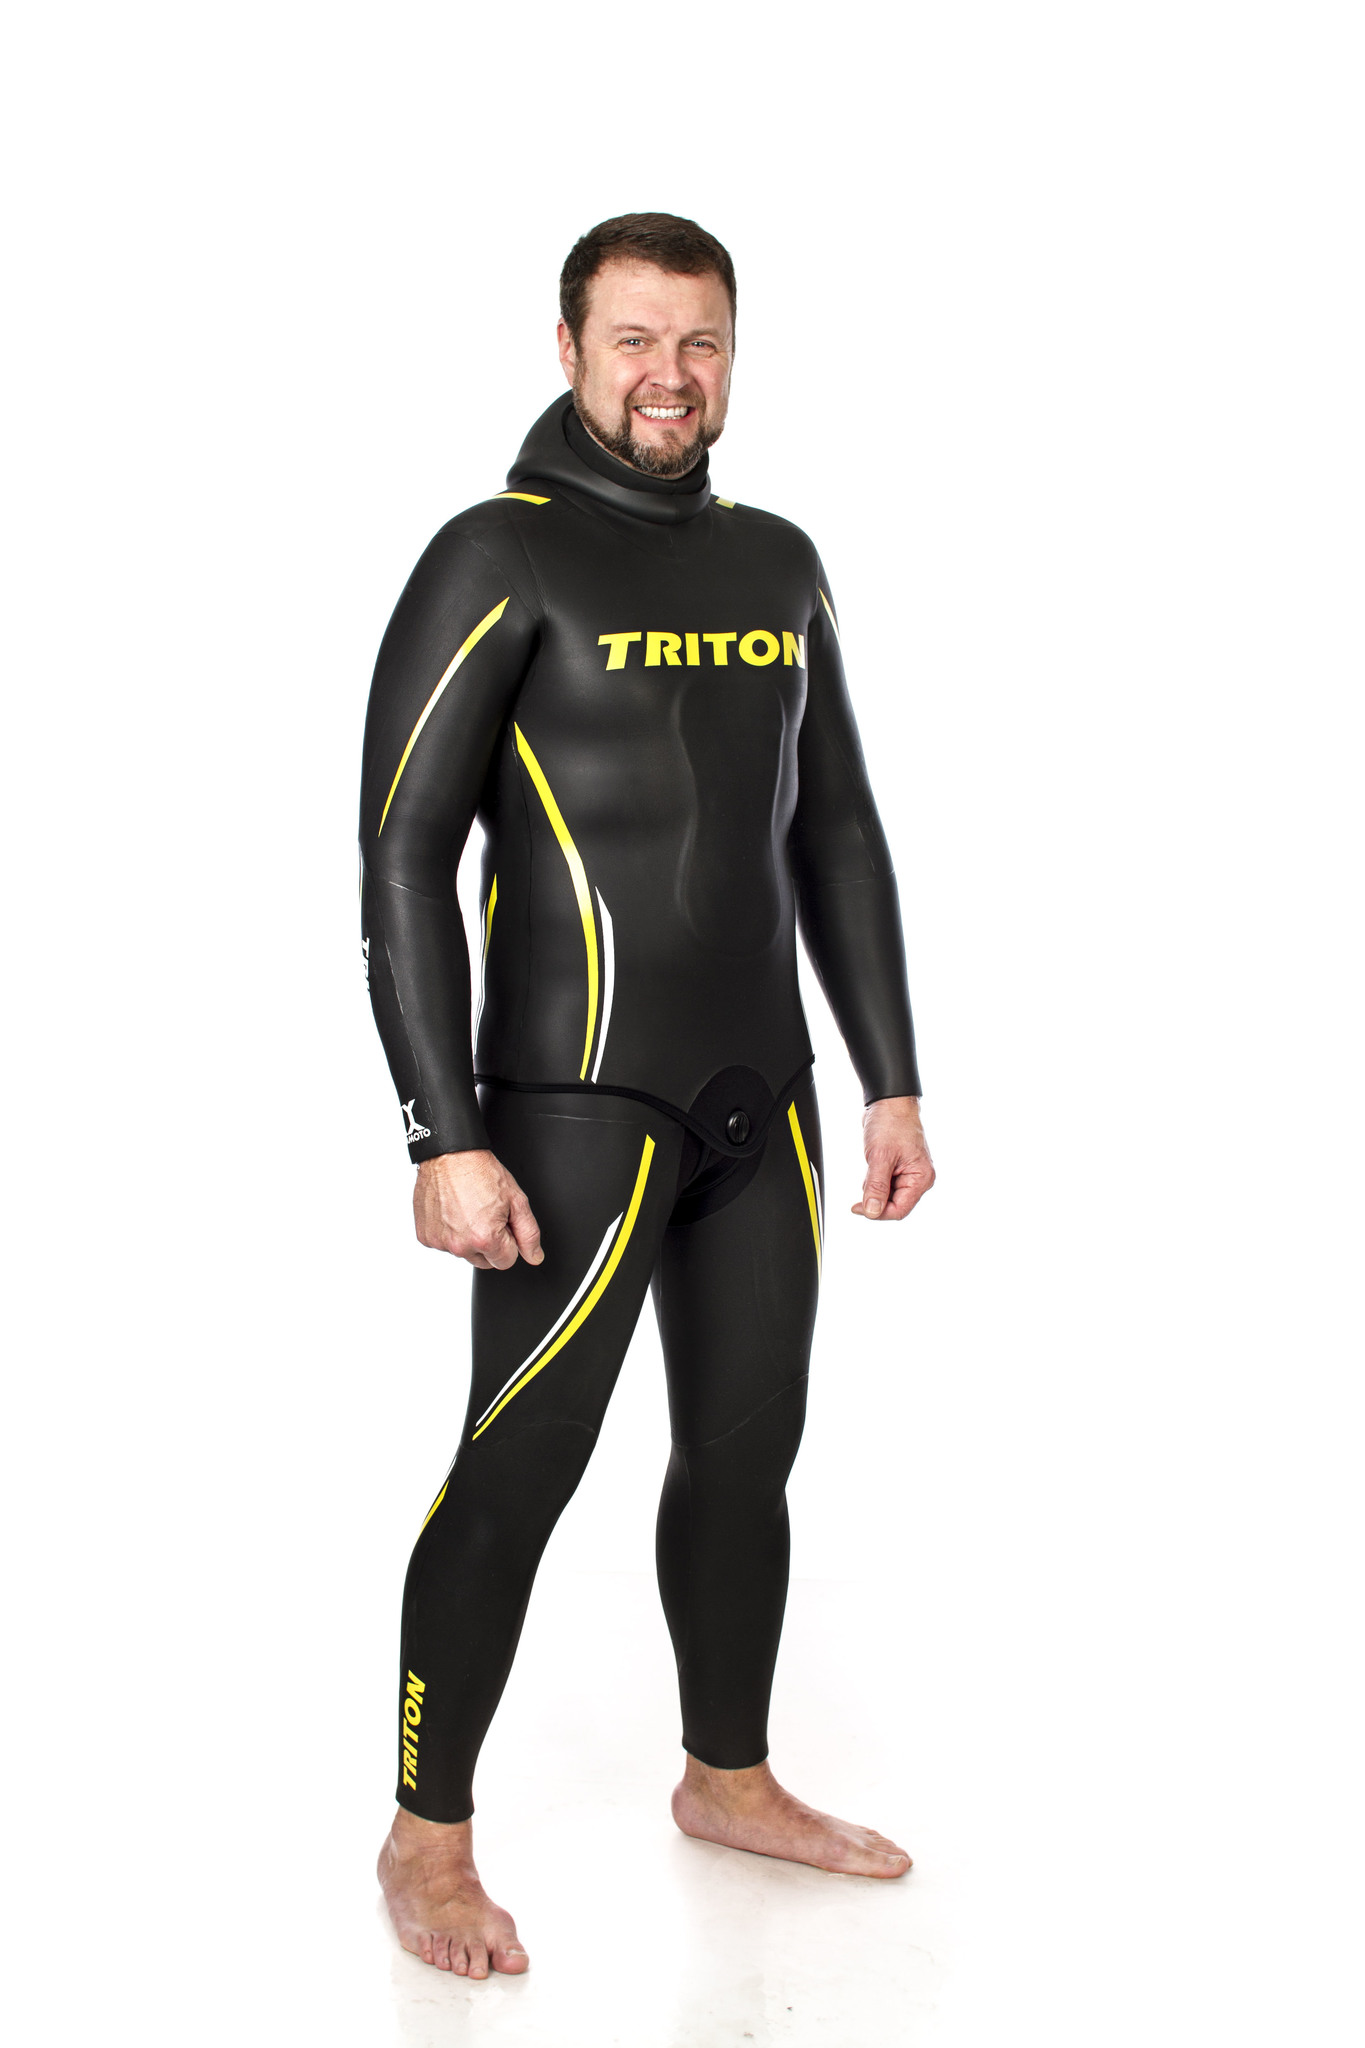 Гидрокостюм Triton 5 мм голый